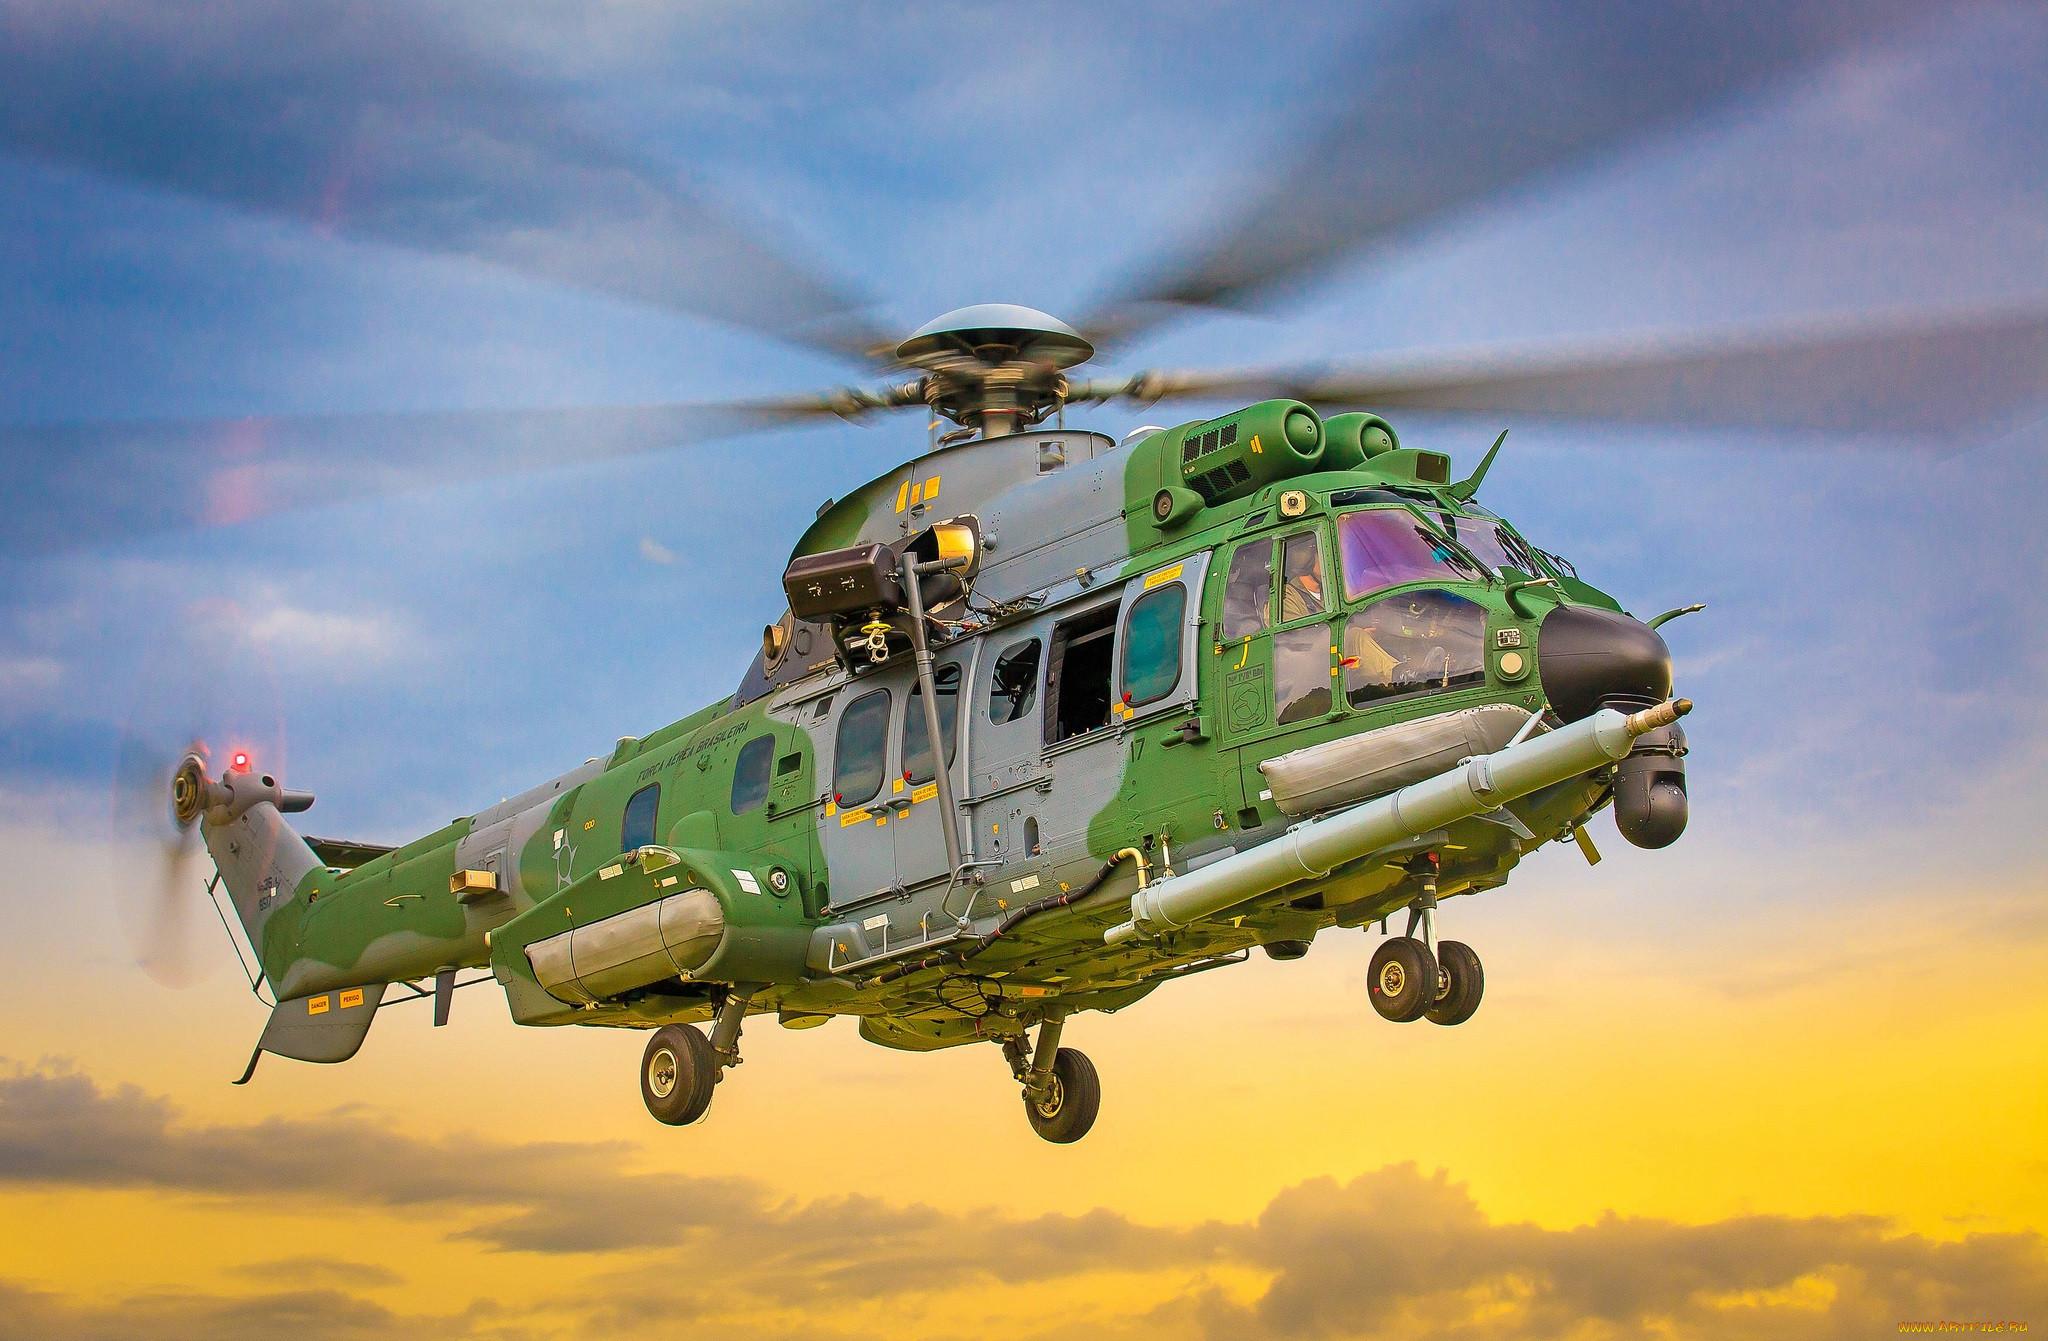 картинки боевых самолетов и вертолетов чертеж размеры